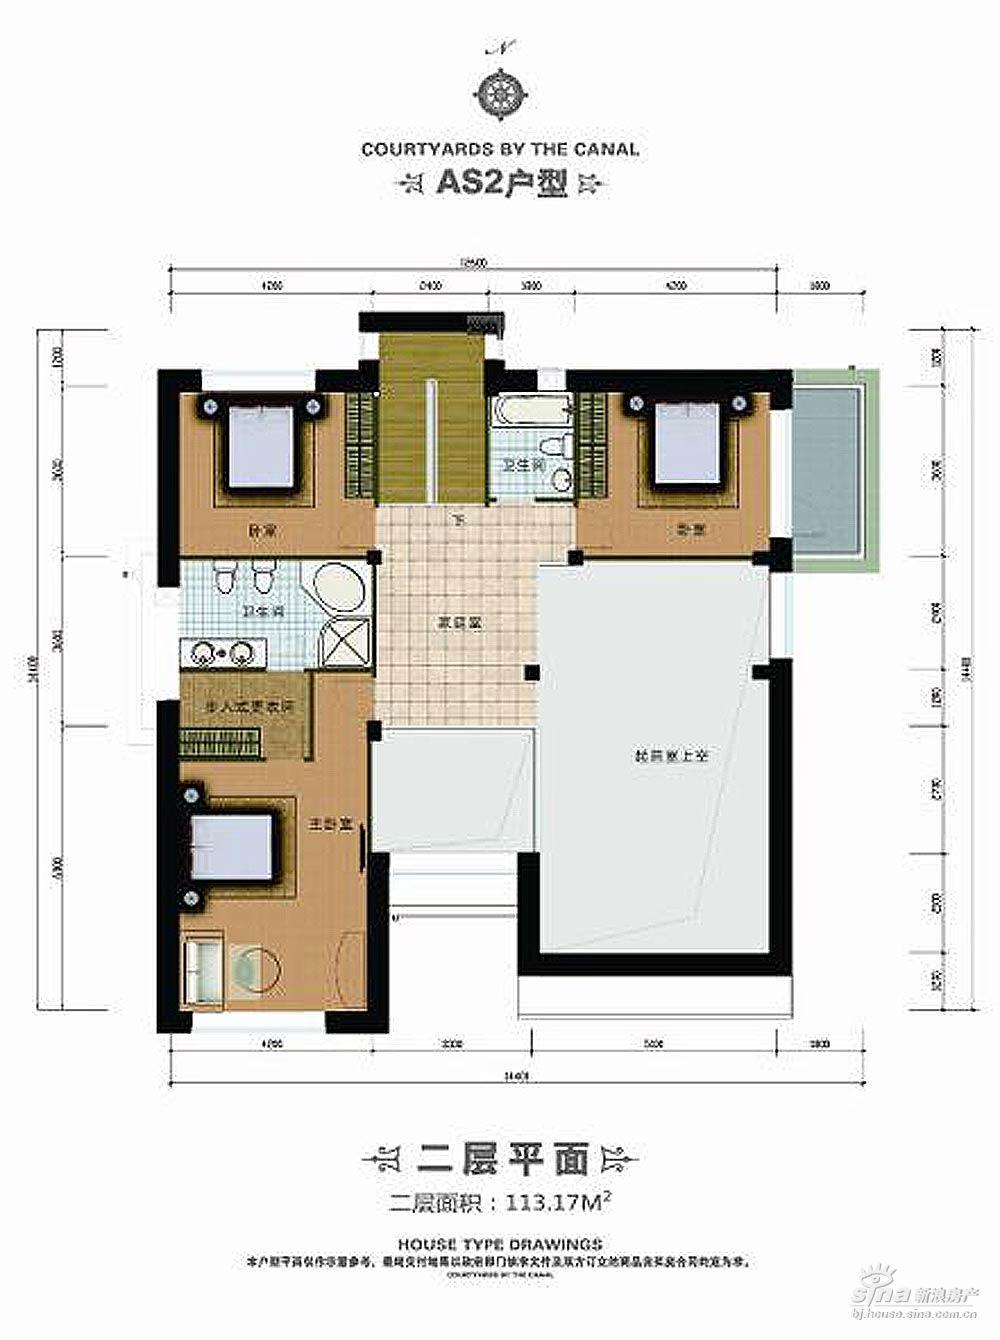 经典农村三合院别墅设计图,新中式堂屋,一层设计简单舒适 宽640×427图片